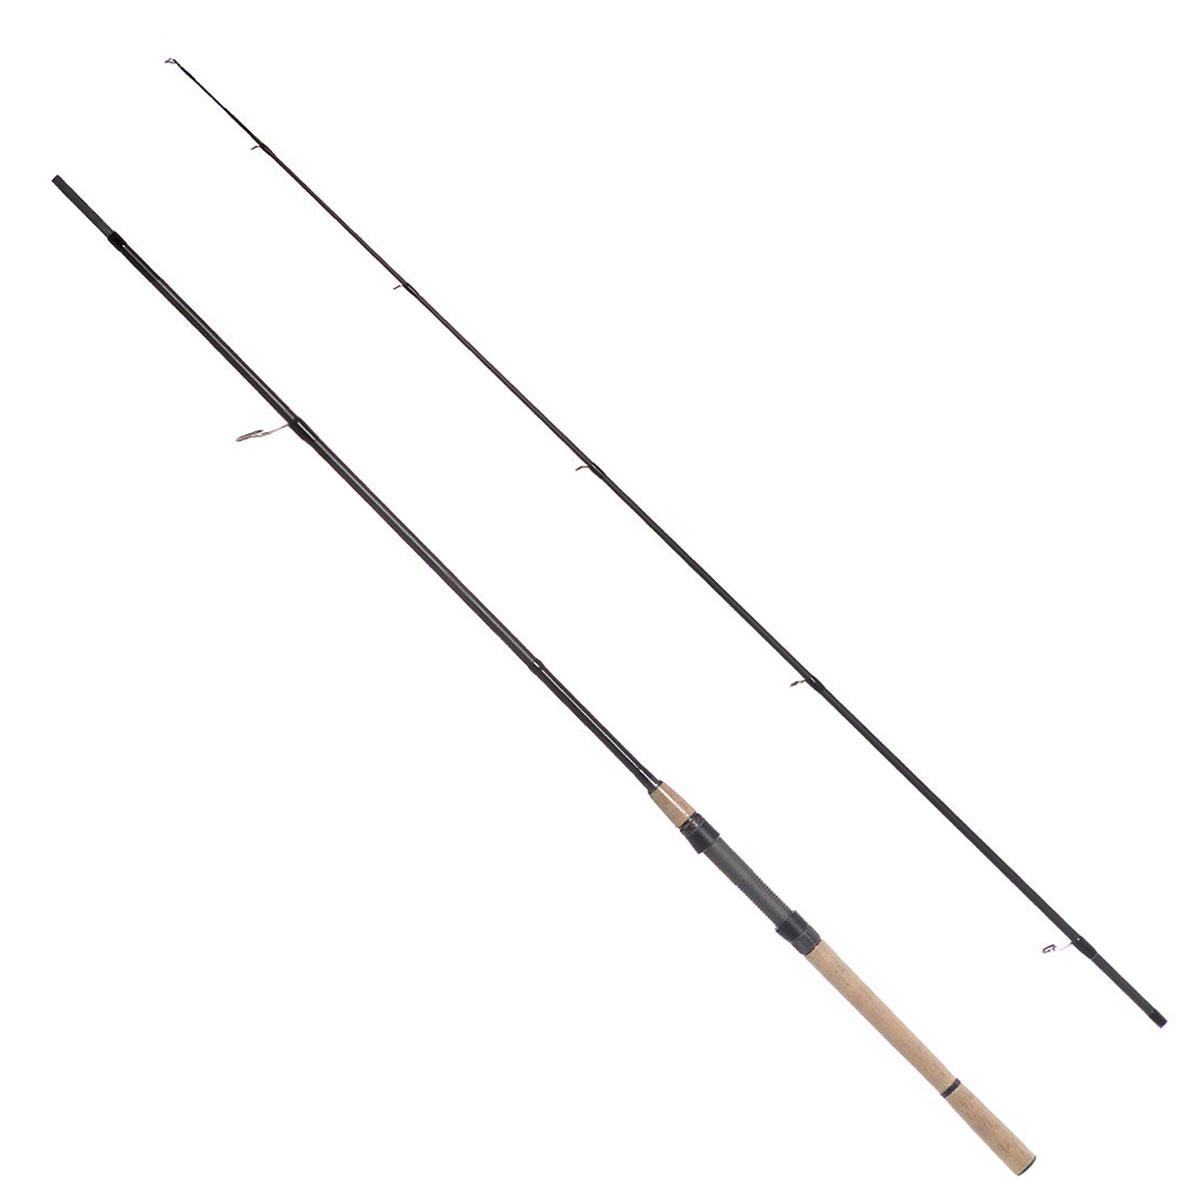 Спиннинг штекерный Daiwa Infinity-Q NEW Jigger, 2,10 м, 3-15 г28381Штекерный спиннинг Daiwa Infinity-Q NEW Jigger отличается новой длиной и тестом, обновленной конструкцией бланка. Несмотря на легкий вес, спиннинг достаточно мощный для схватки с рыбой вашей мечты. Стык колен V-Joint не изменяет естественную геометрию бланка, спиннинг ведет себя как одночастный. Спиннинг Daiwa Infinity-Q NEW Jigger значительно легче своих предшественников, а также отличается более быстрым строем.Тест: 3-15 г.